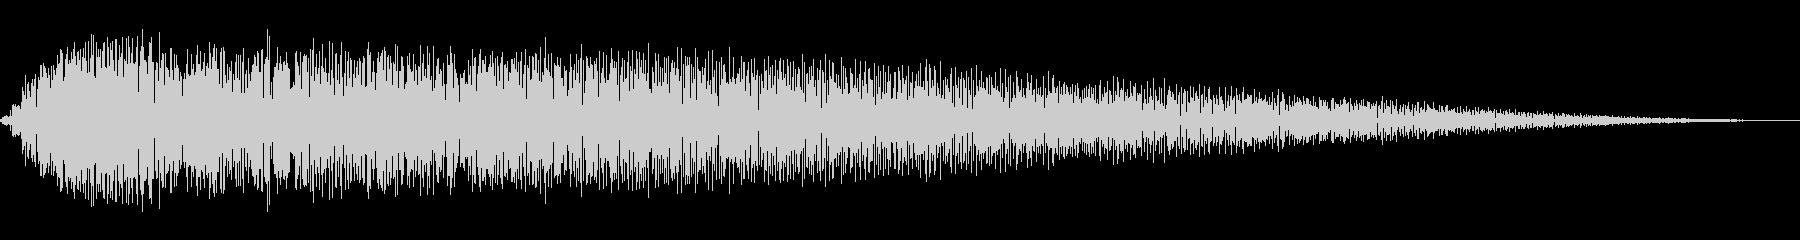 ショット・ビーム発射音#1の未再生の波形